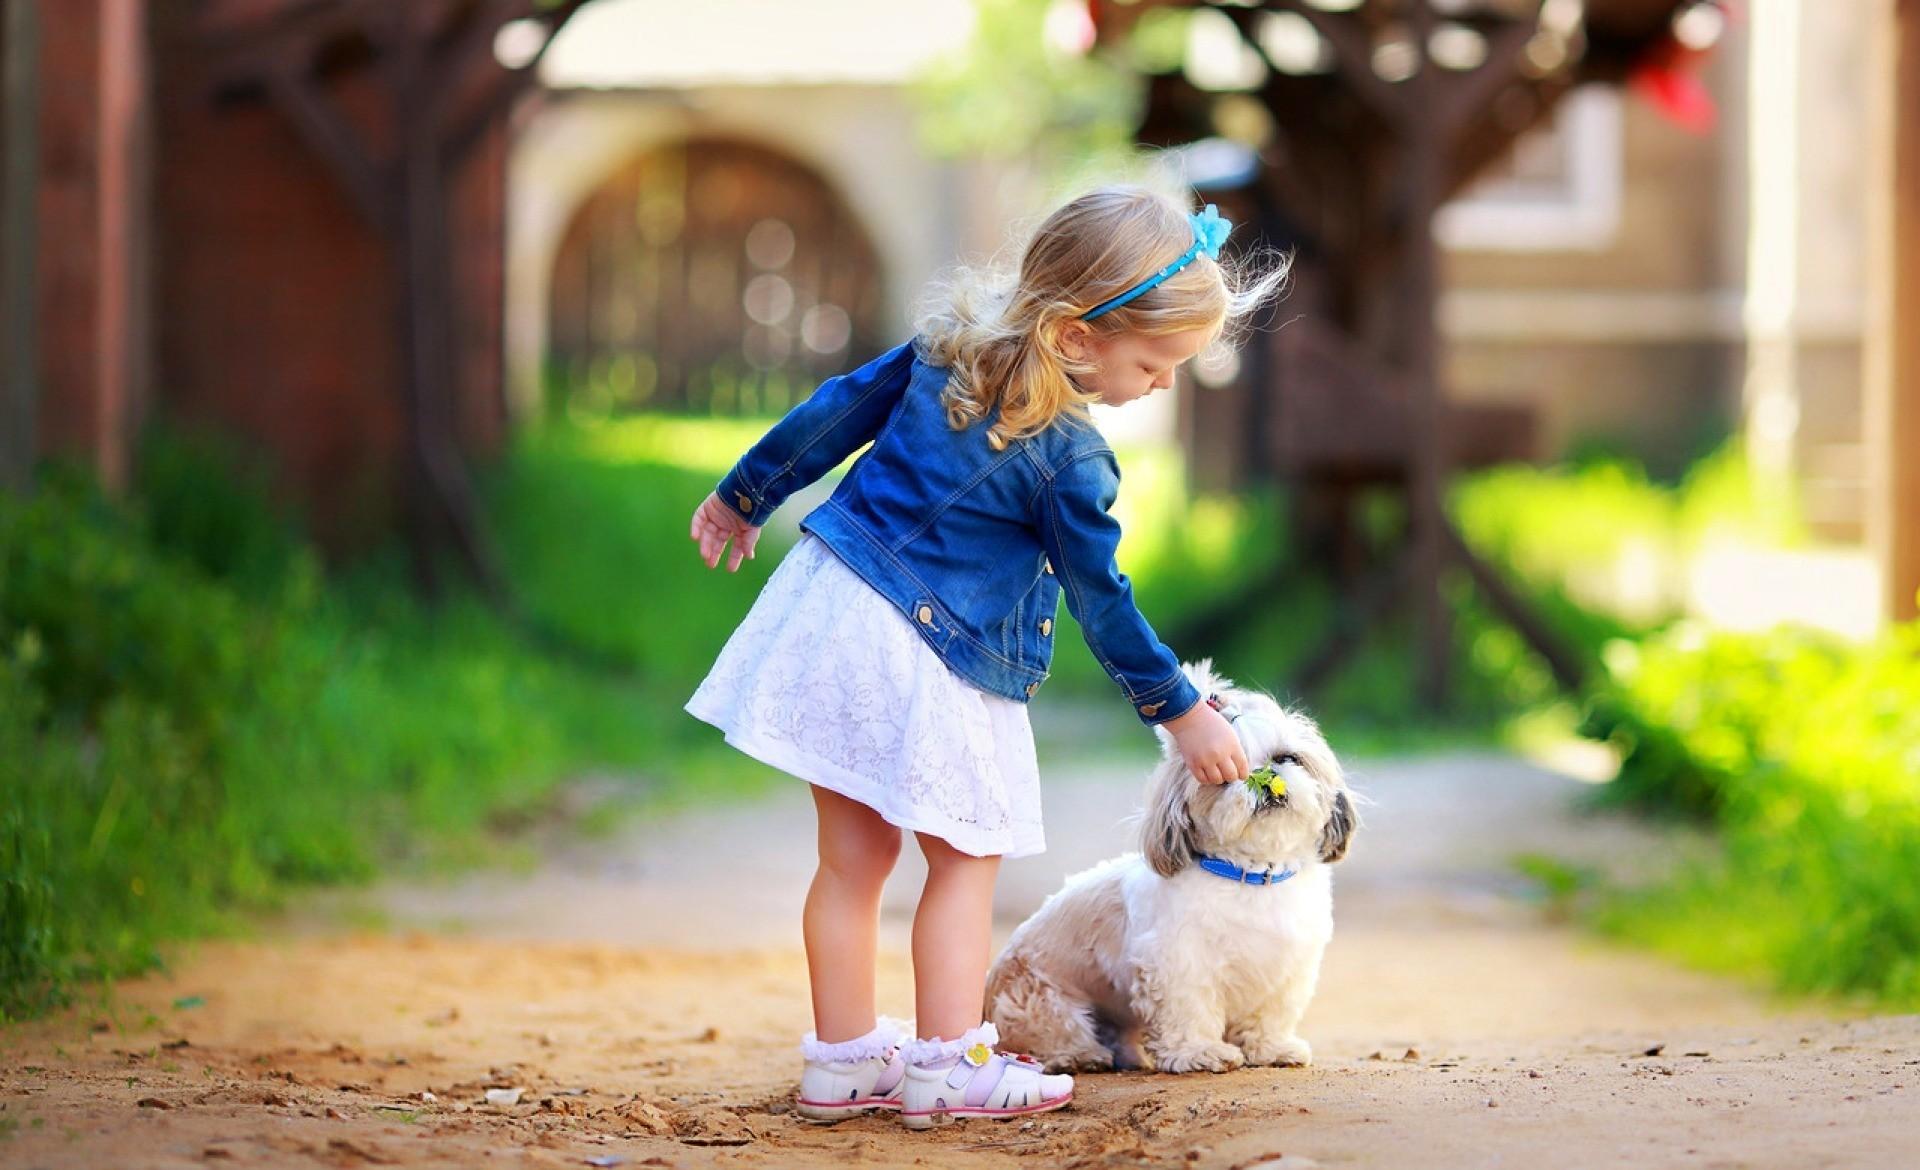 День доброты очень красивые картинки с природой